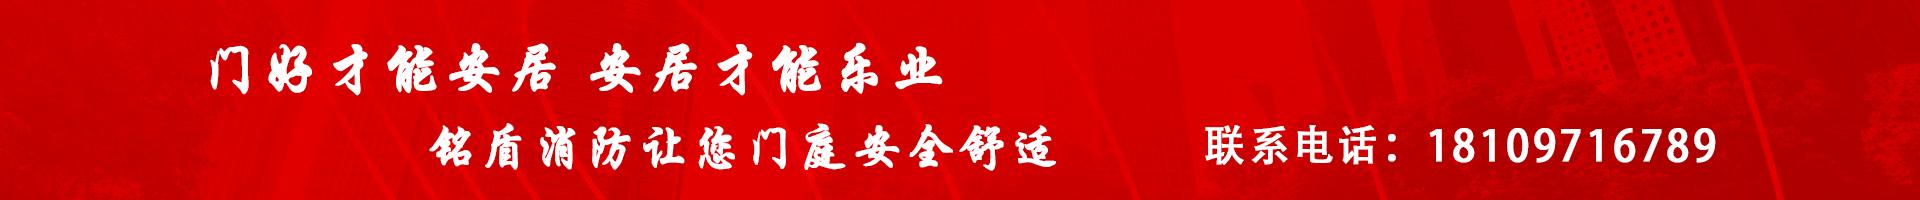 青海雷竞技app官网入口消防设备,雷竞技newbee官网